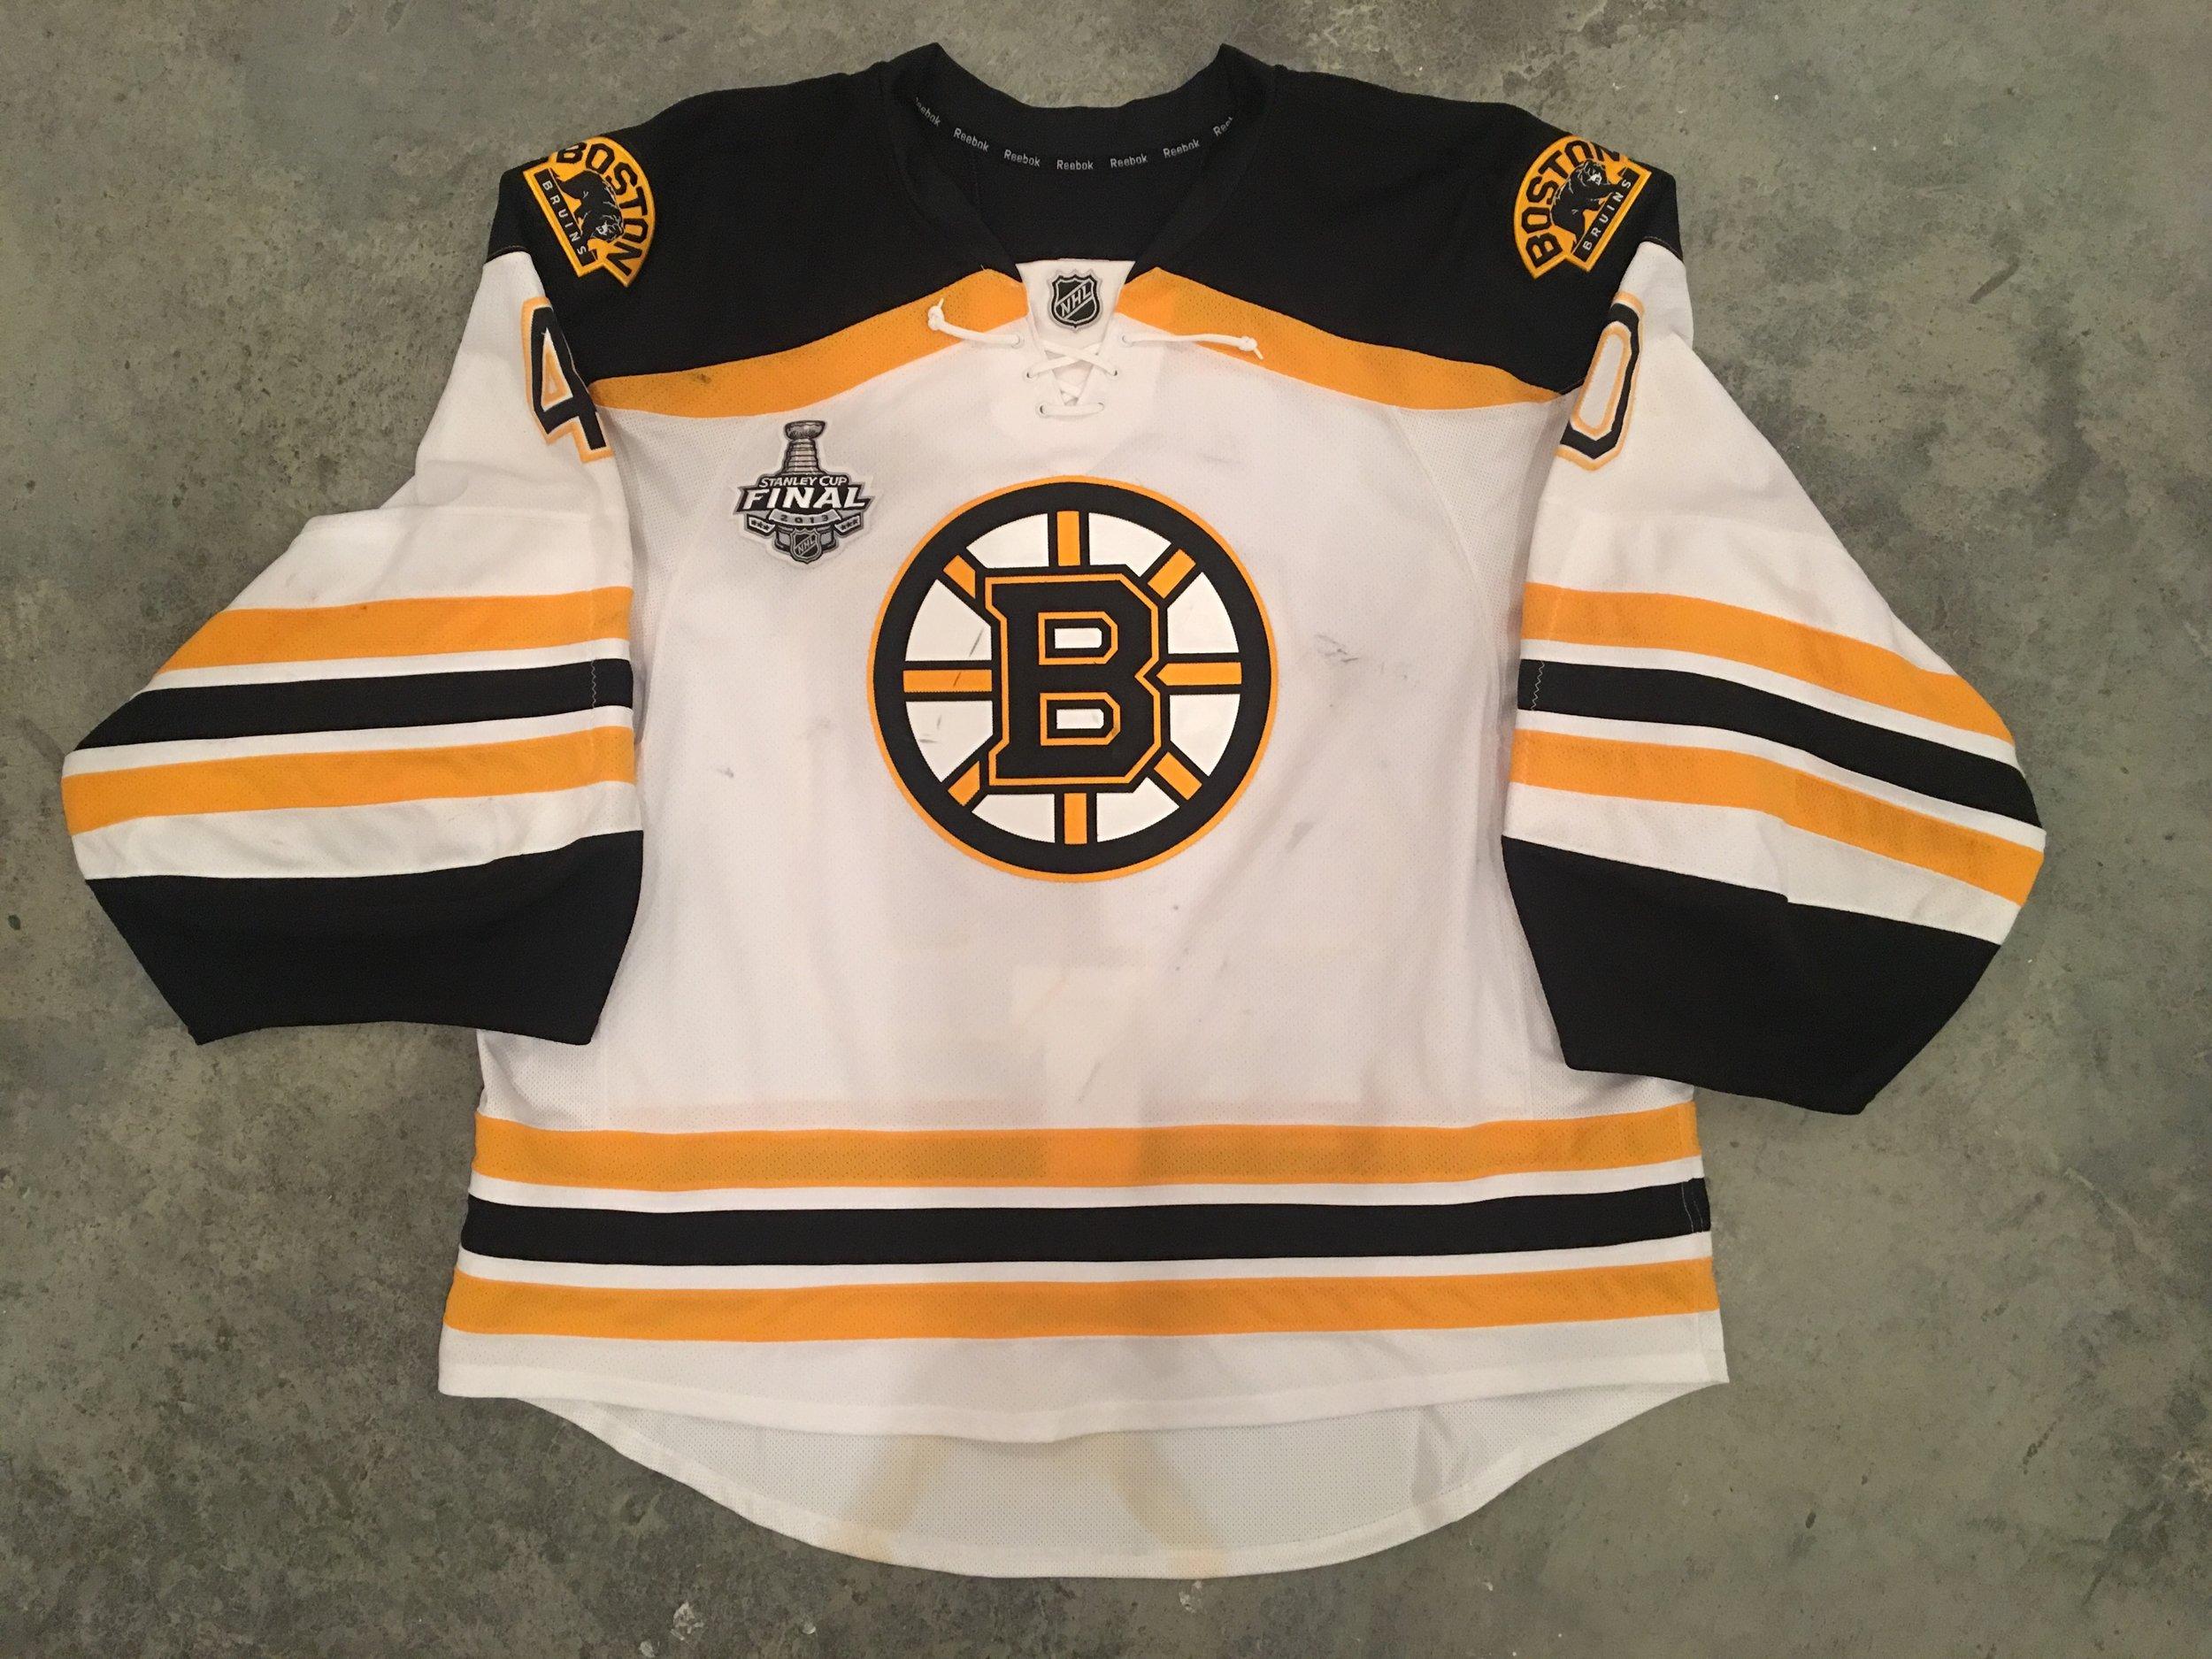 Tuuka Rask Boston Bruins Game Worn Jersey - 2014 Vezina Winner